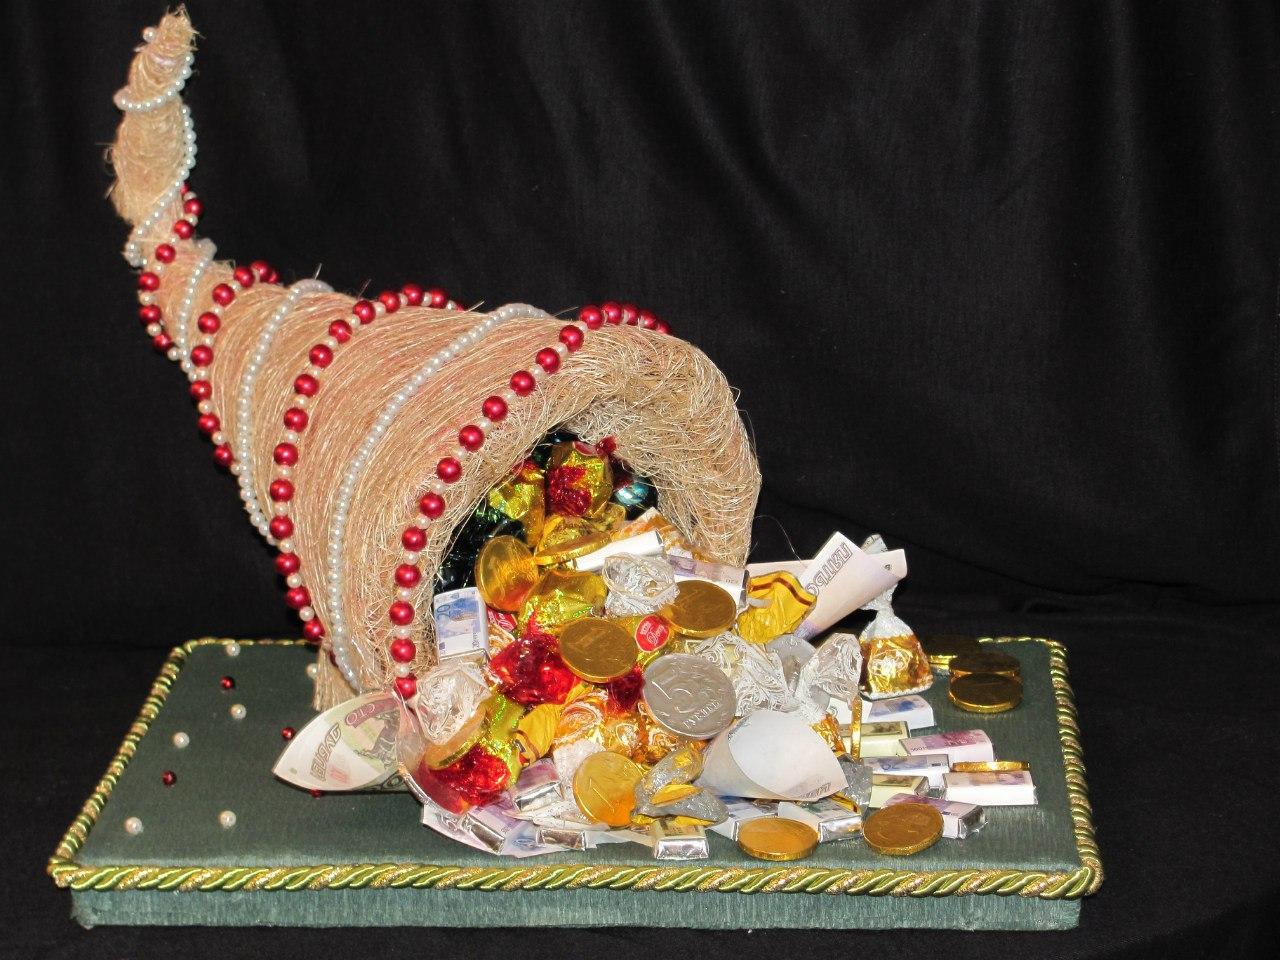 нем принято оформление и приготовление торта рог изобилия фото могу сложить